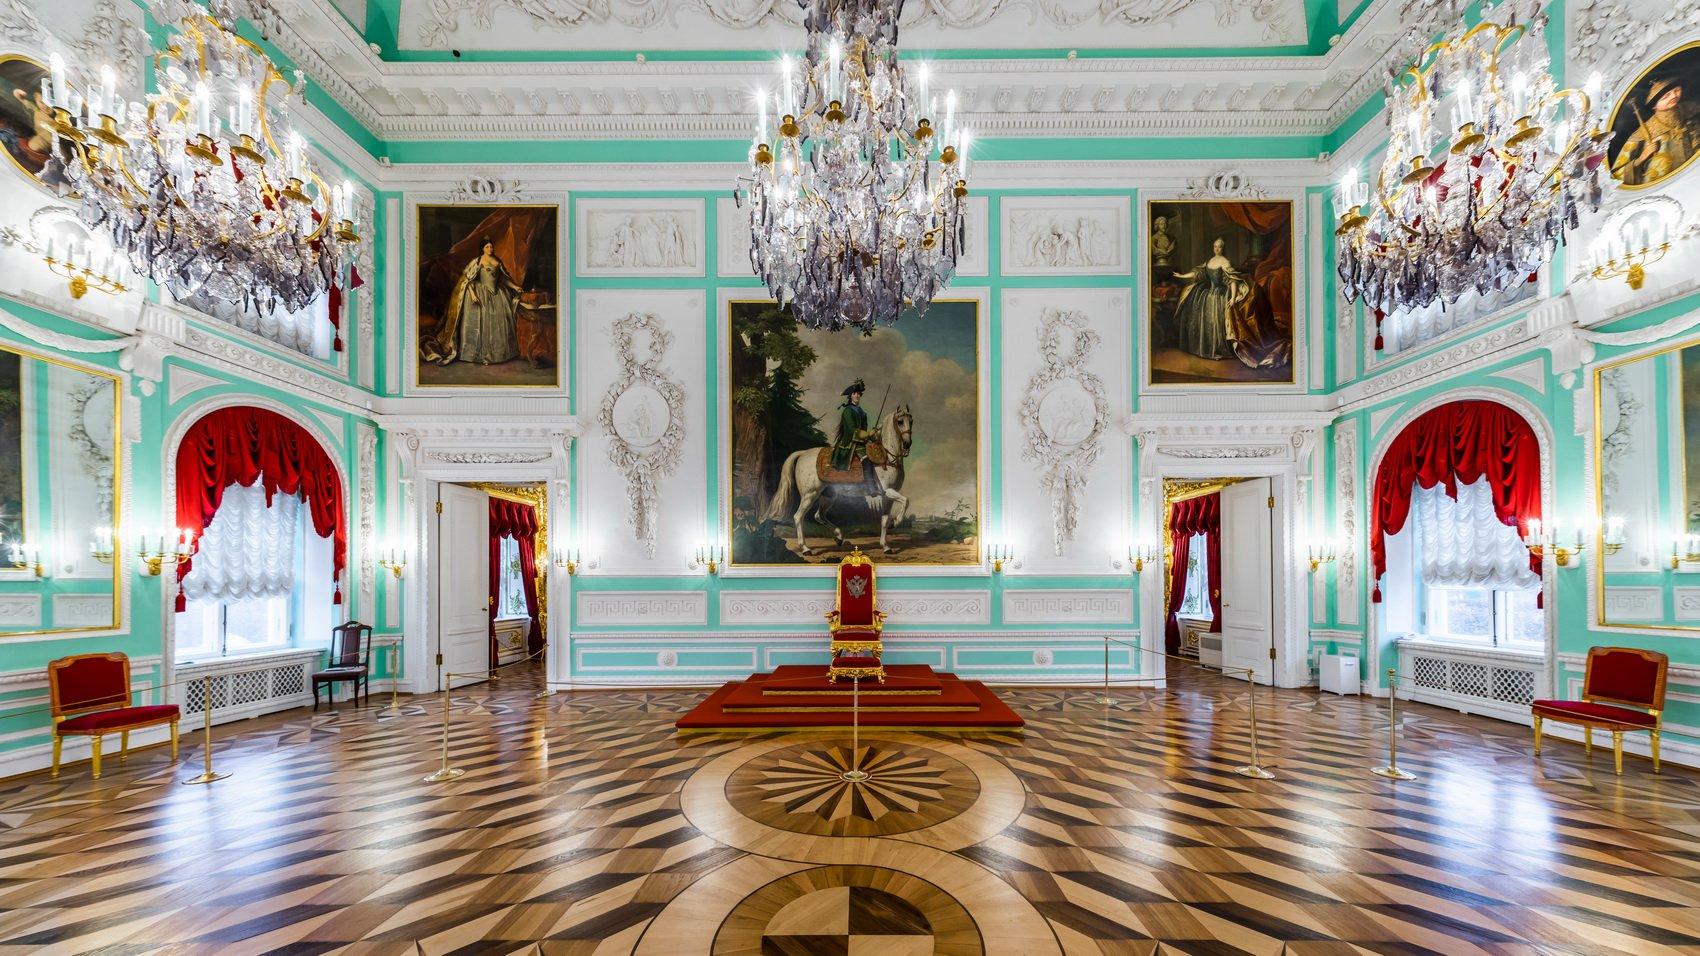 Тронный зал в Большом петергофском дворце